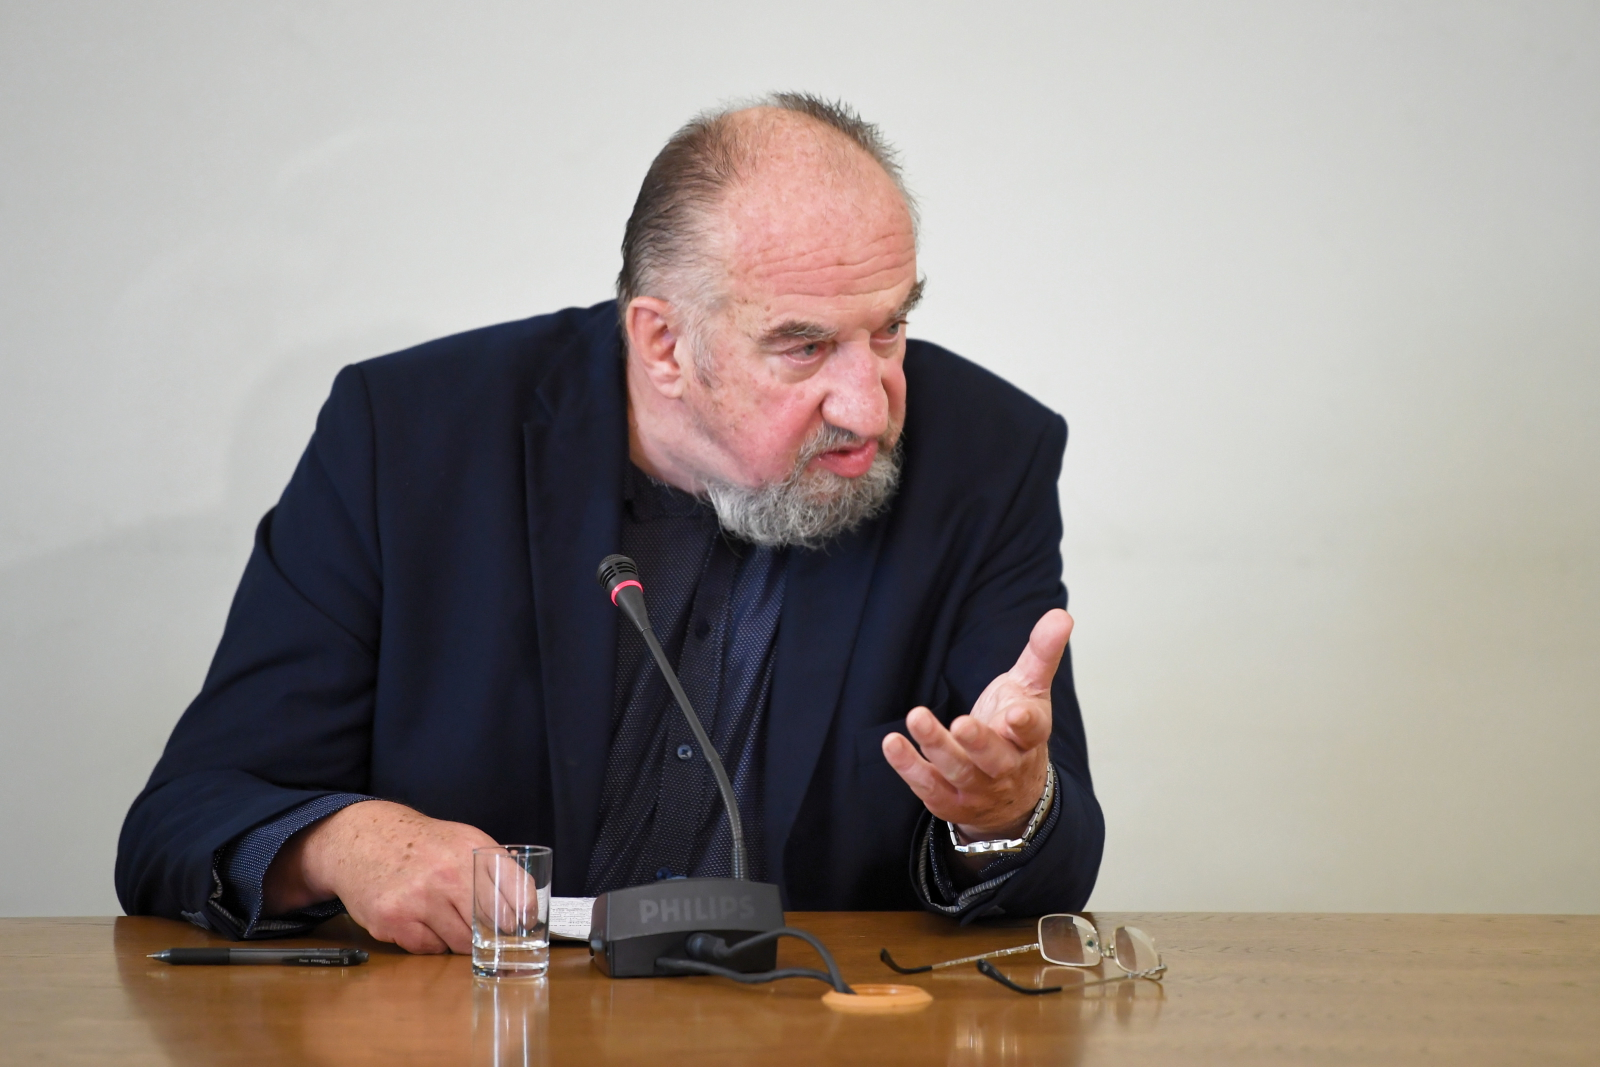 Komisja ds. VAT. Pierwsze przesłuchanie, czyli wykład prof. Modzelewskiego